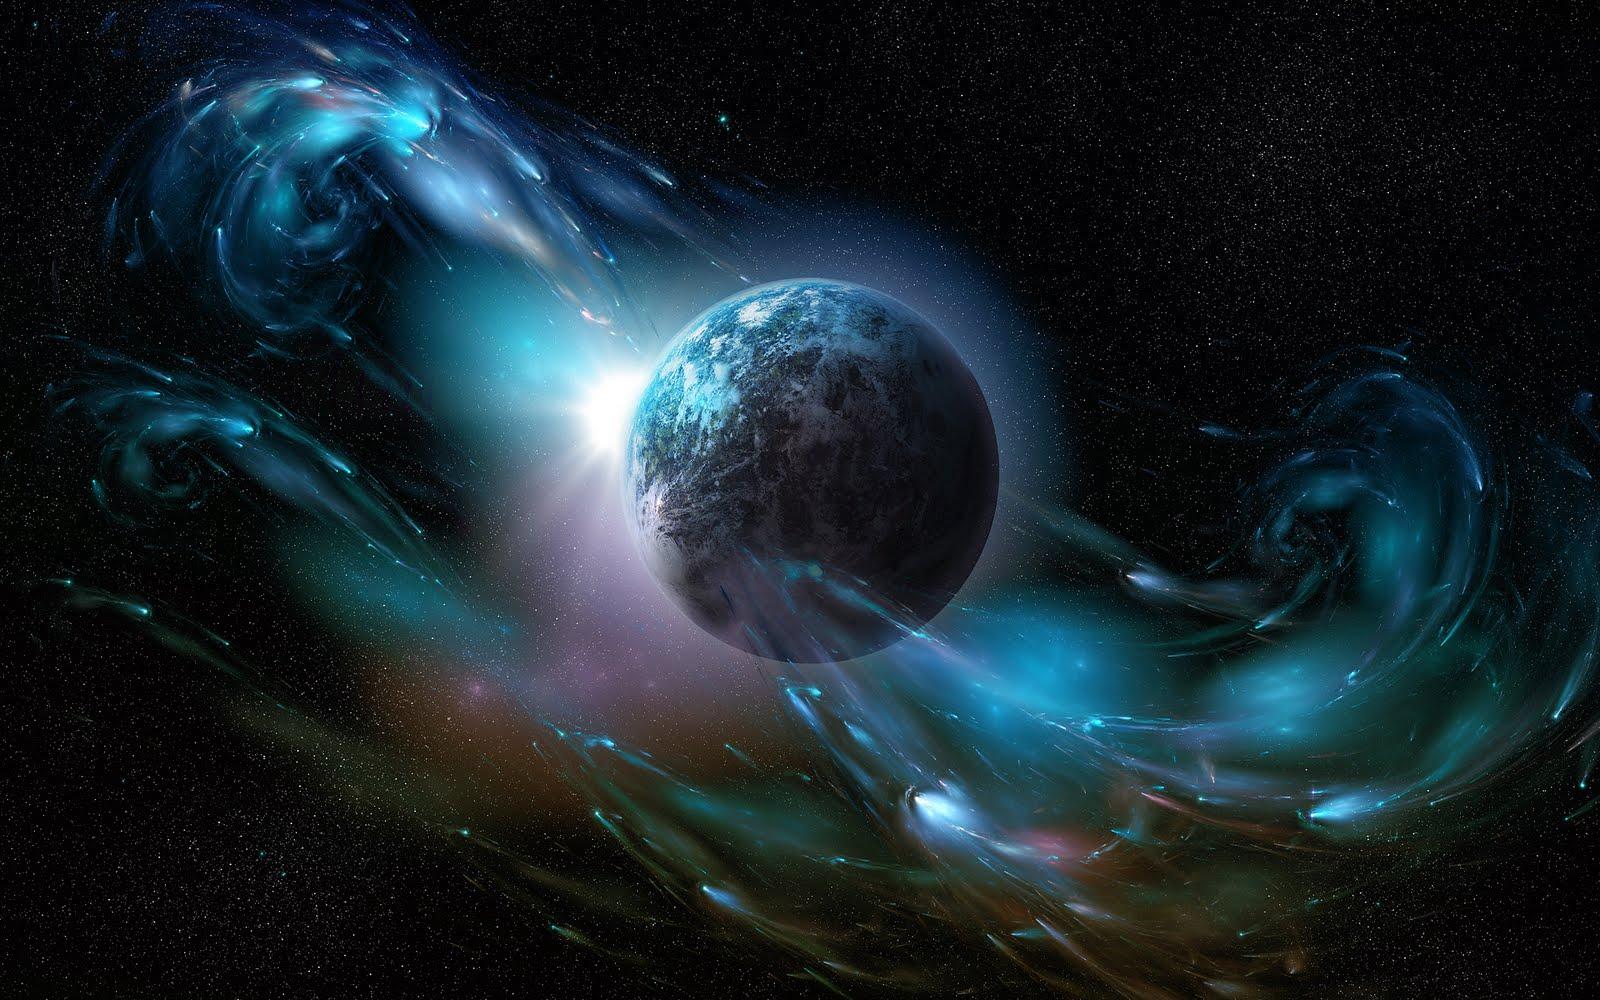 hd wallpaper hd wallpaper planets wallpaper planet wallpaper hd 1600x1000